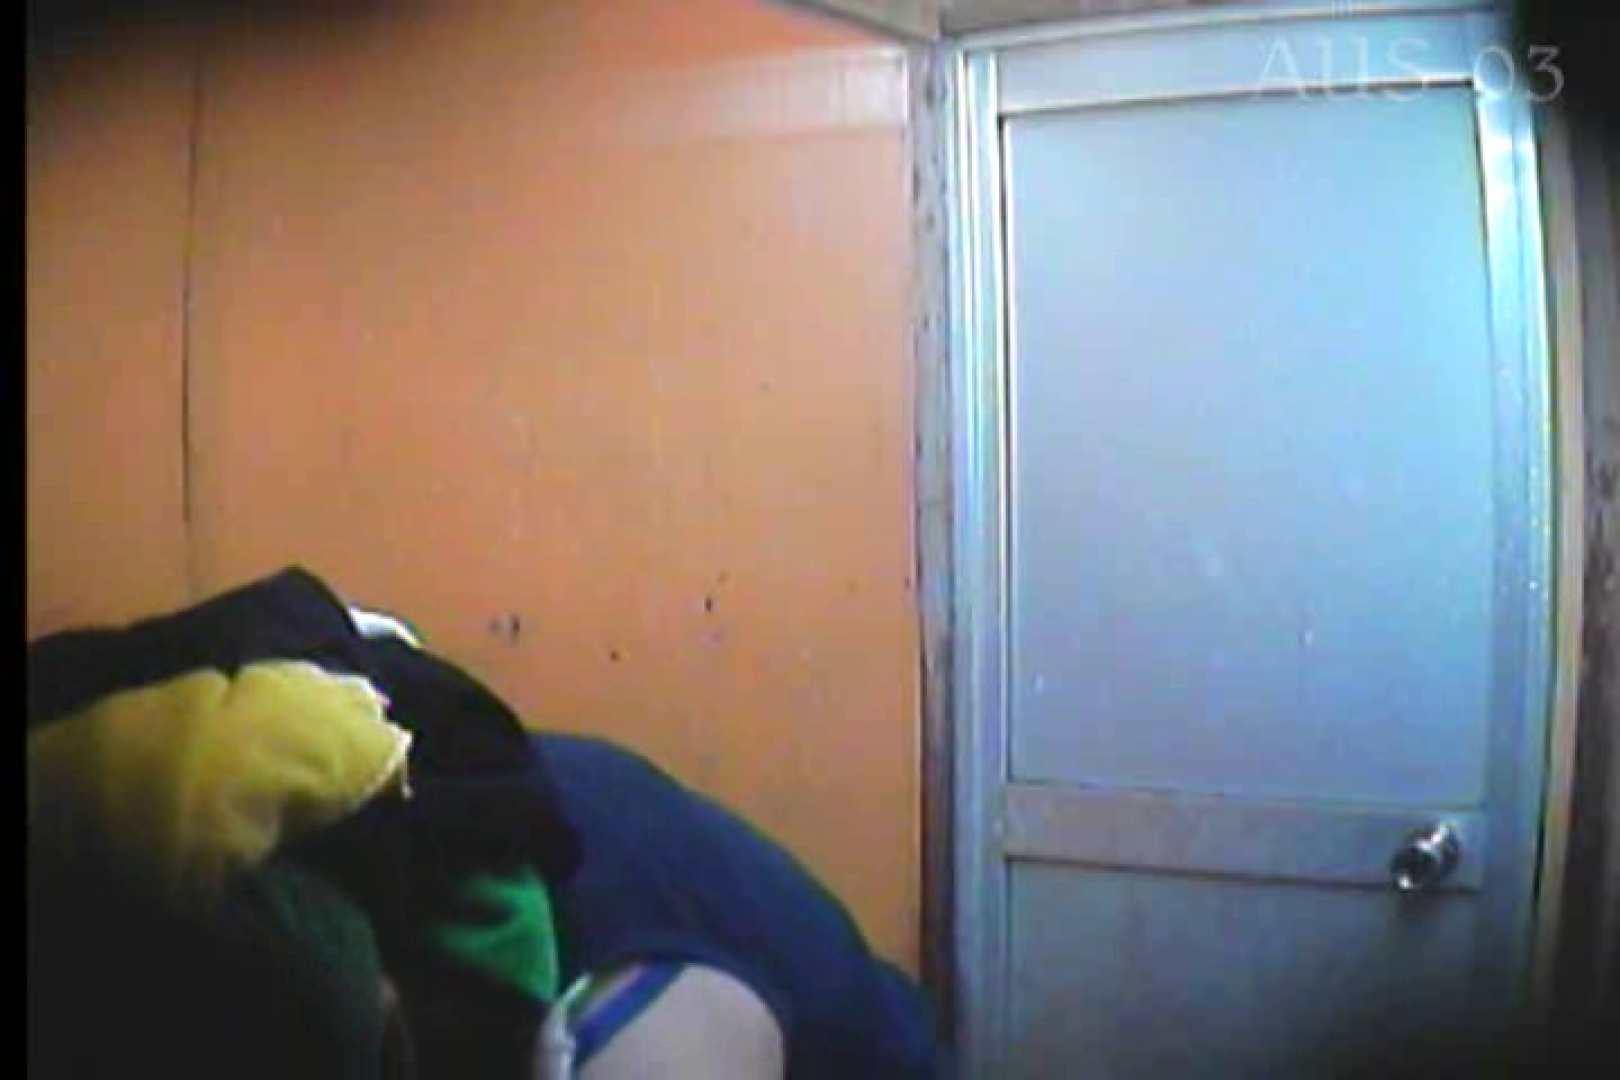 露天風呂脱衣所お着替え盗撮 Vol.03 露天丸見え オメコ無修正動画無料 89画像 58